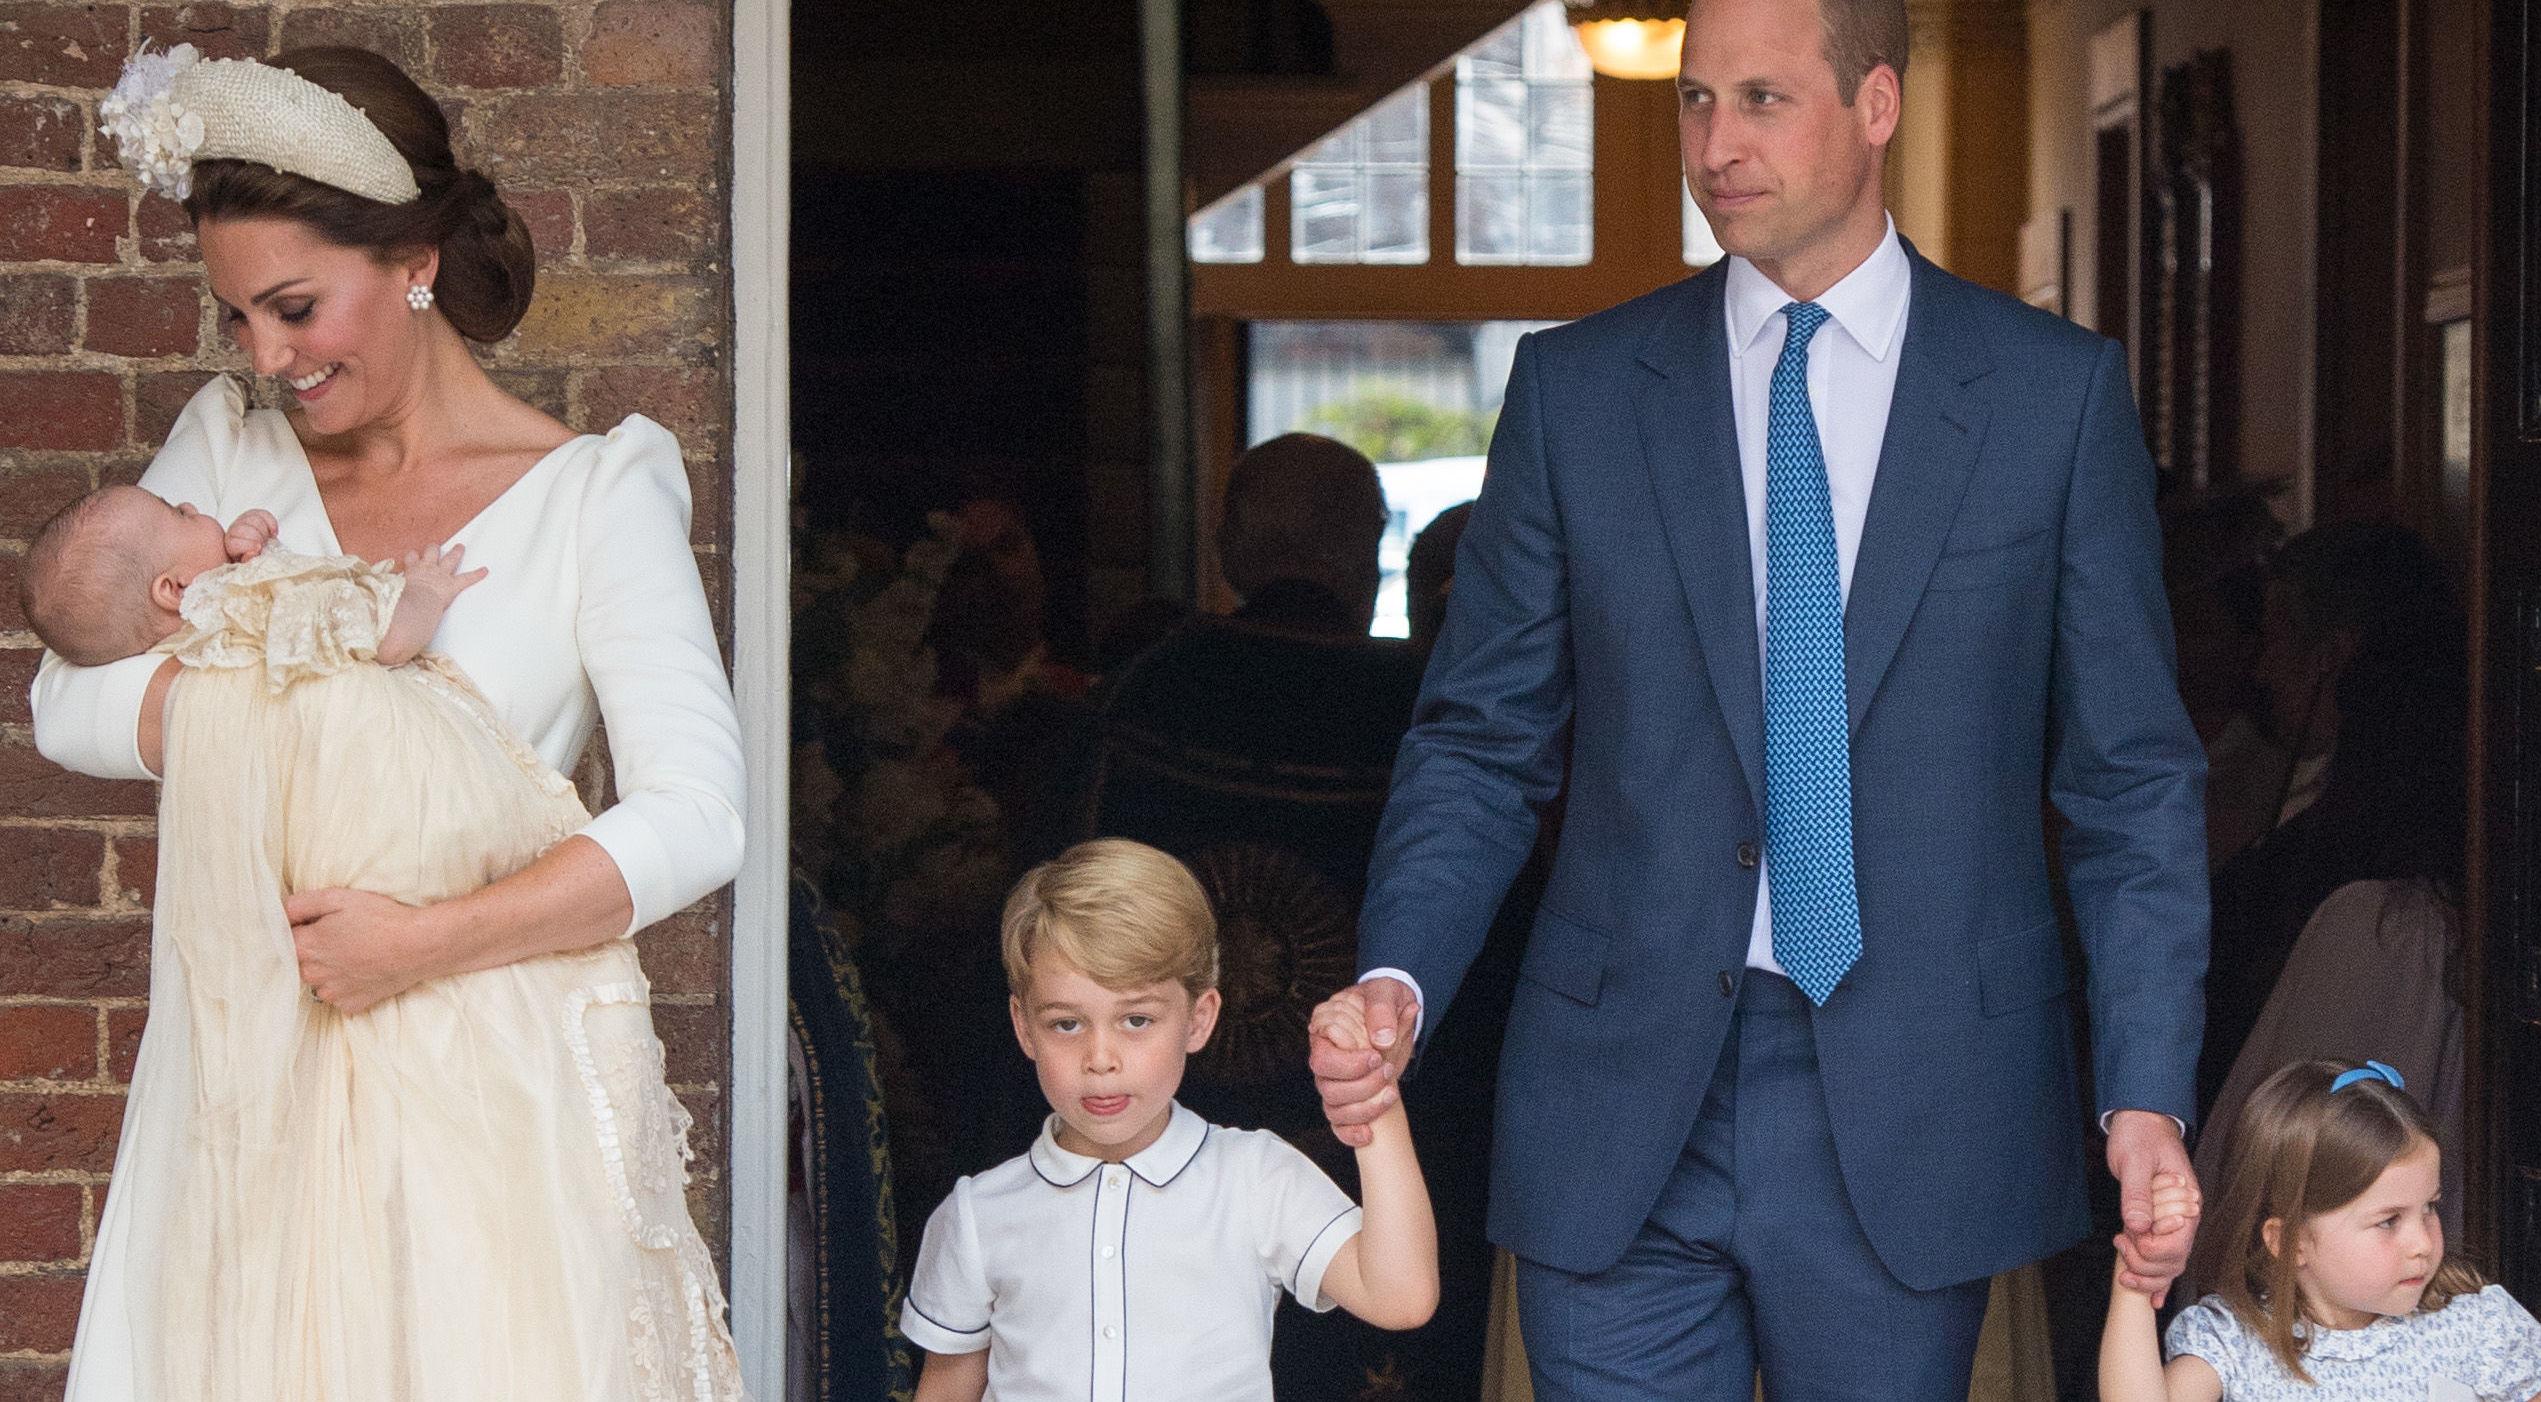 La sortie très remarquée de la princesse Charlotte: elle remet les photographes à leur place